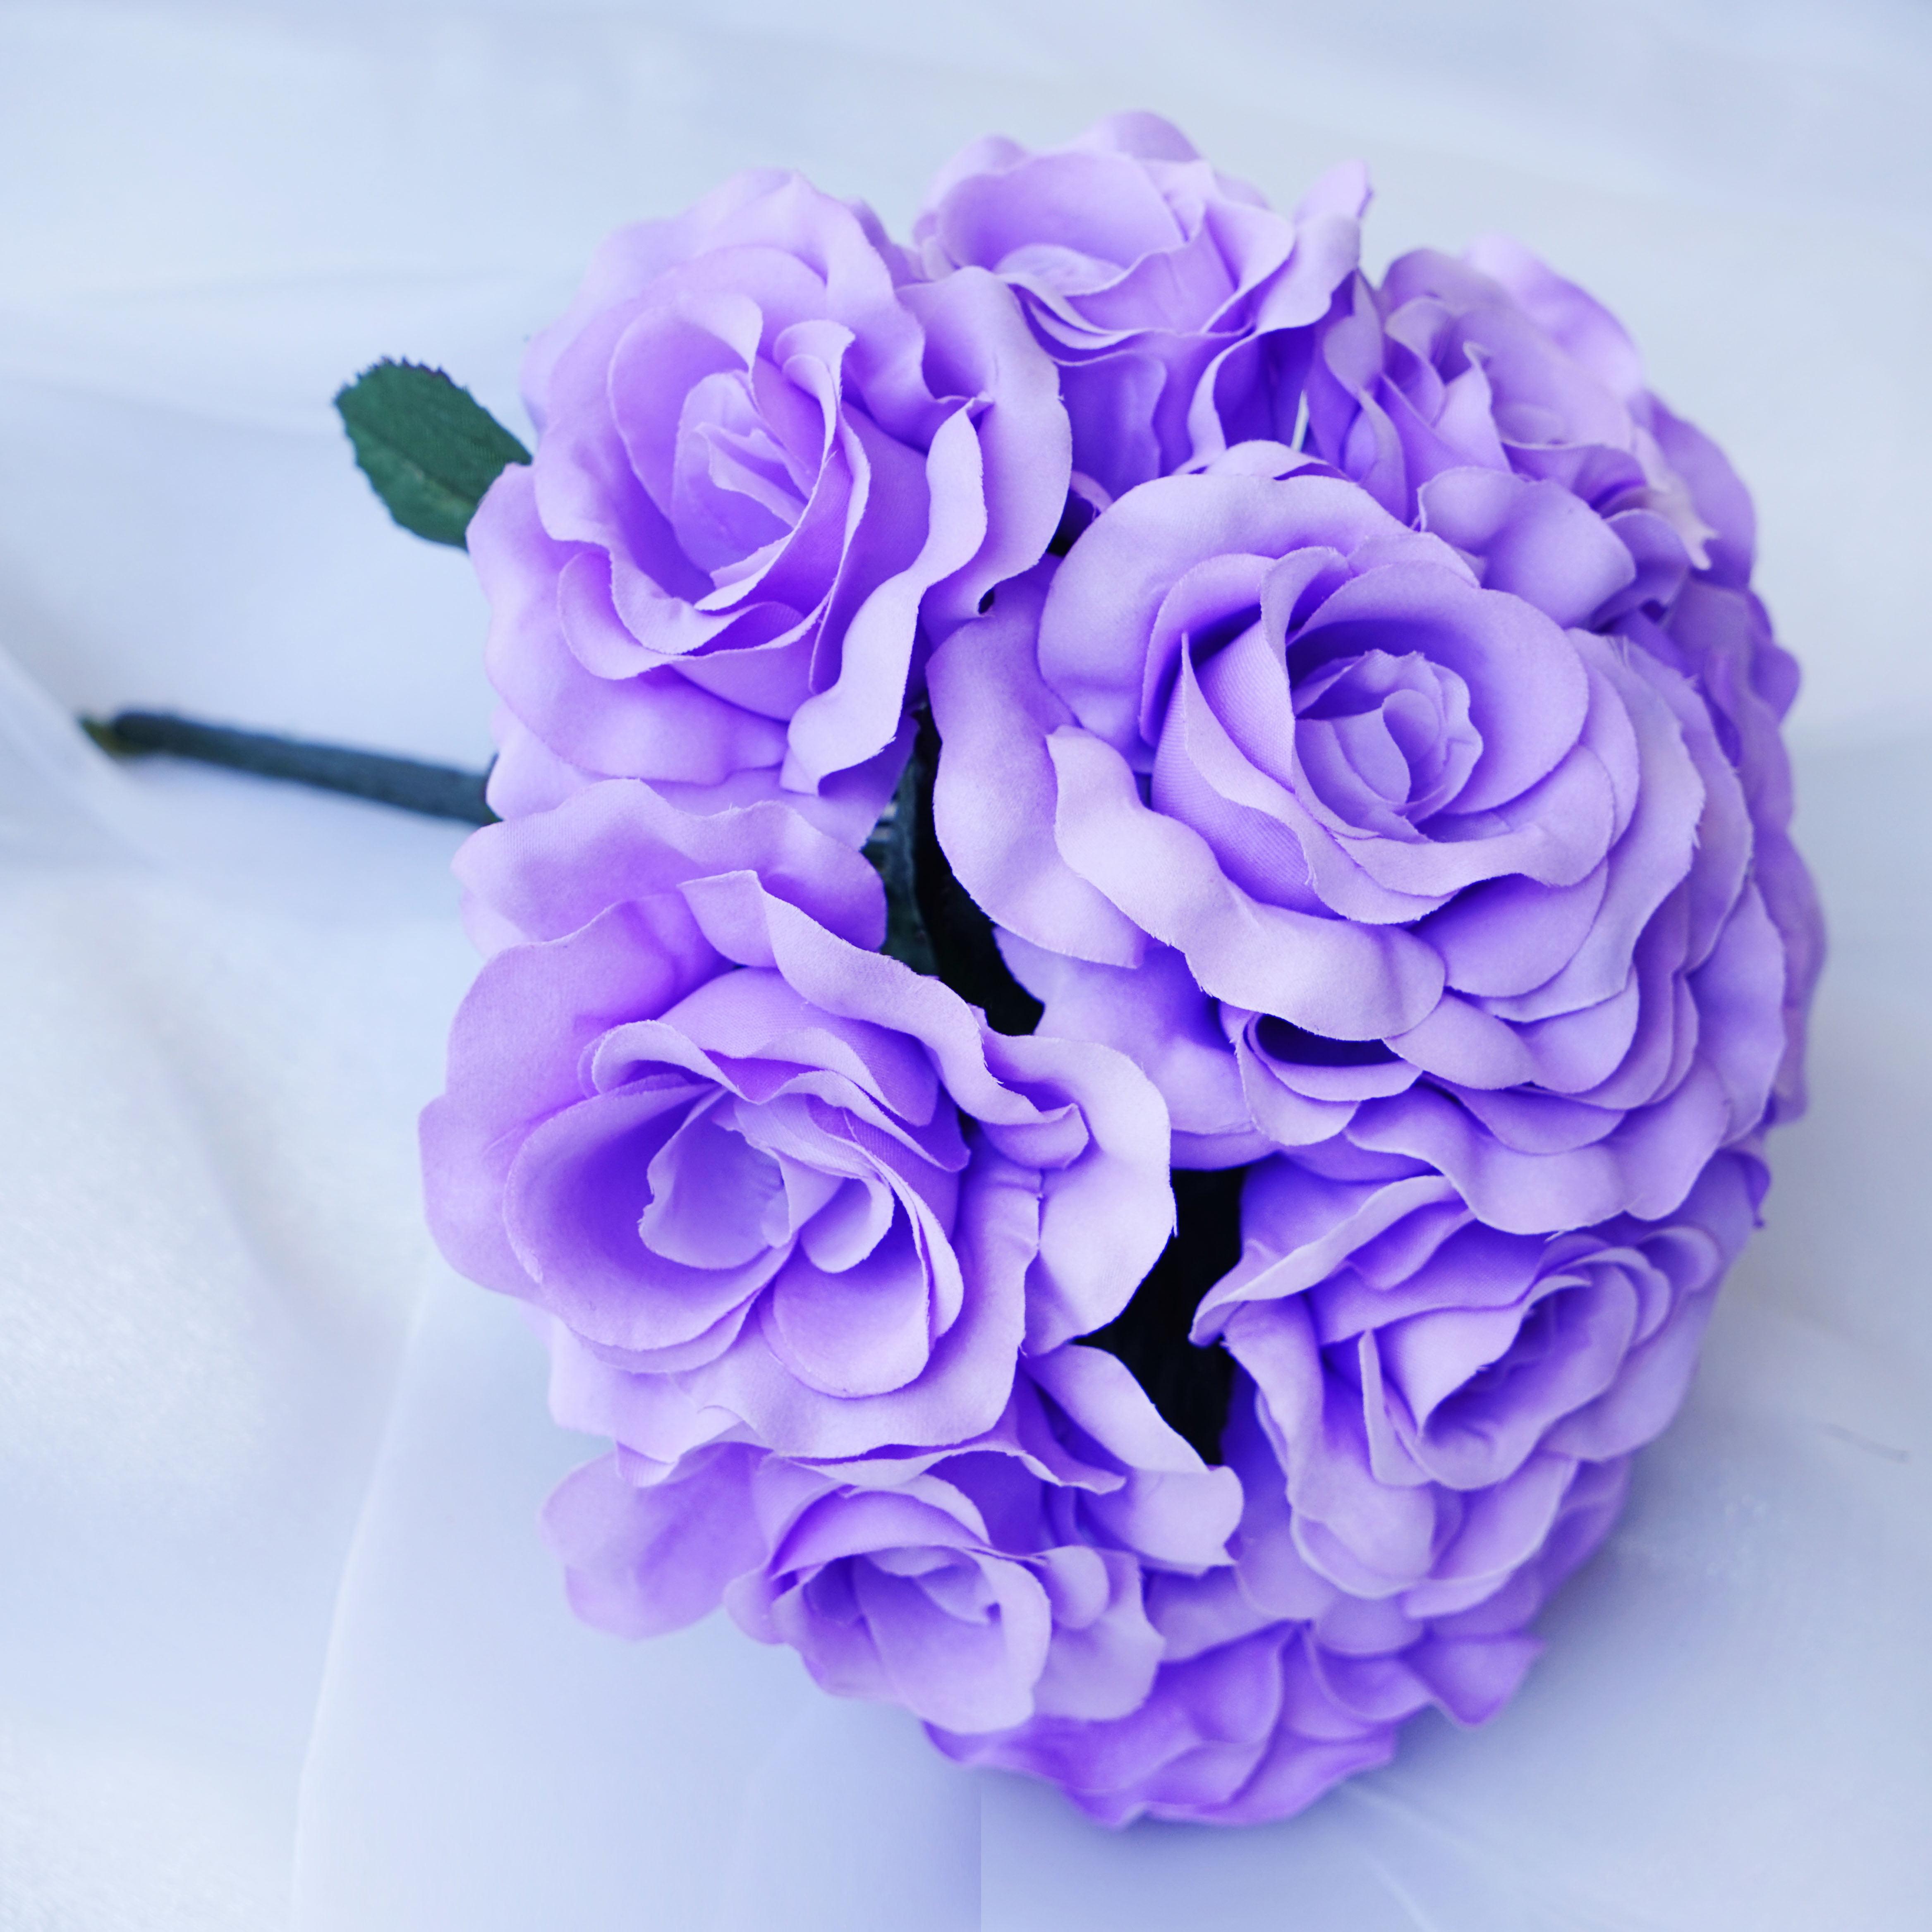 BalsaCircle 4 Velvet Roses Bouquets Bridal Flowers - DIY Home Wedding Party Artificial Bouquets Arrangements Centerpieces